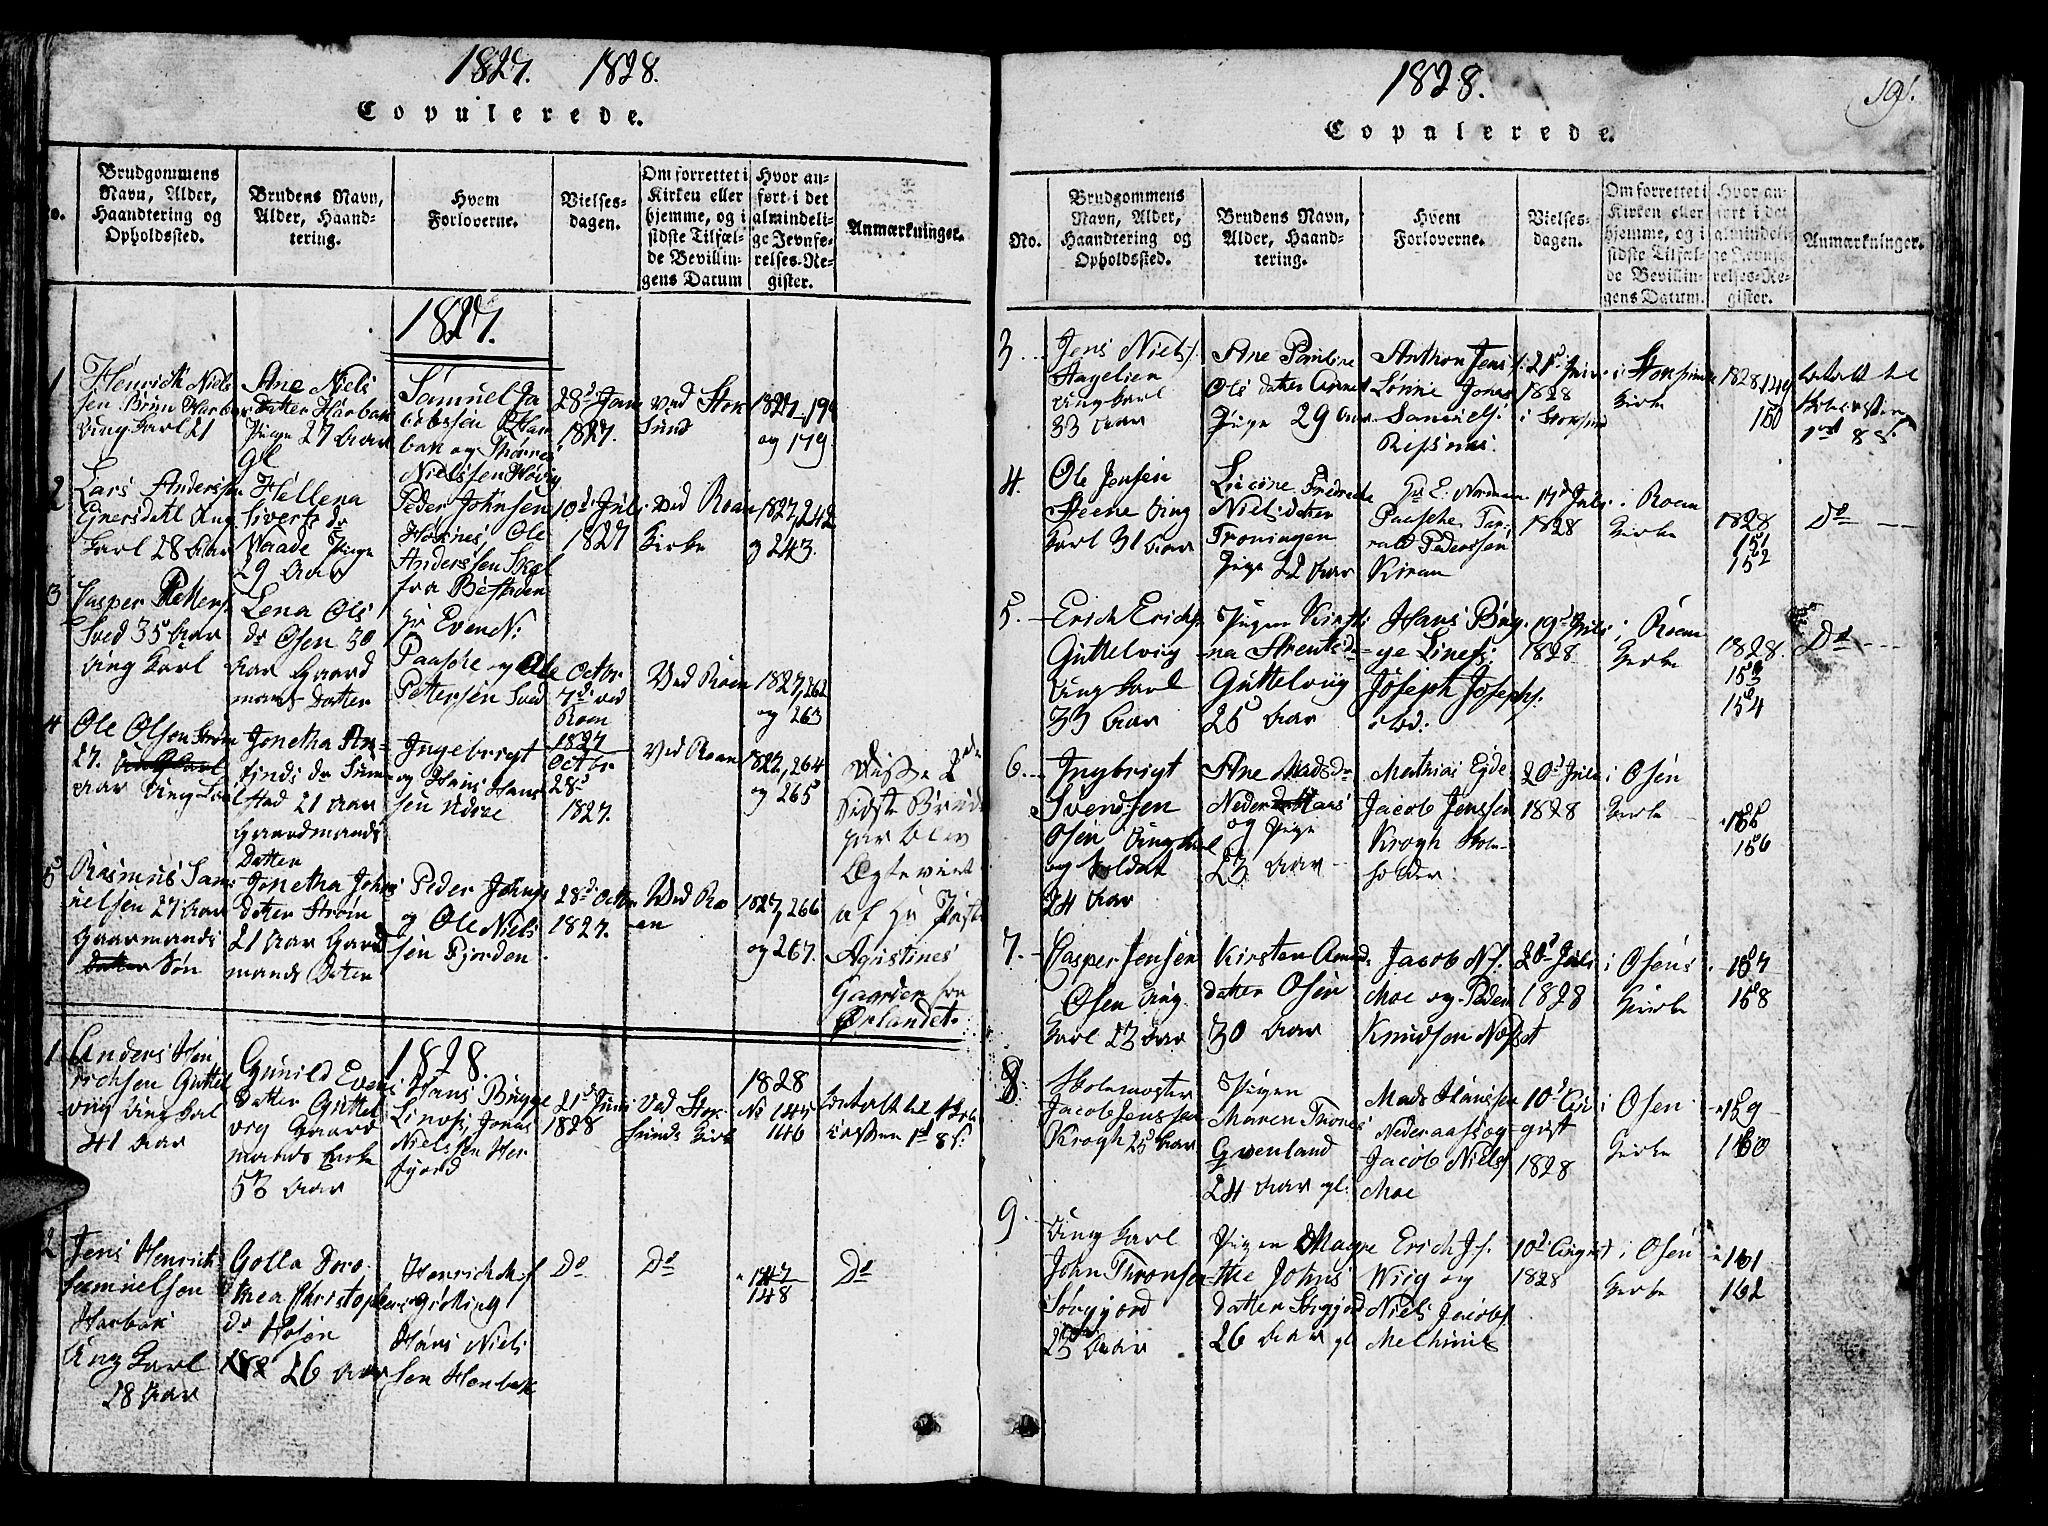 SAT, Ministerialprotokoller, klokkerbøker og fødselsregistre - Sør-Trøndelag, 657/L0714: Klokkerbok nr. 657C01, 1818-1868, s. 191